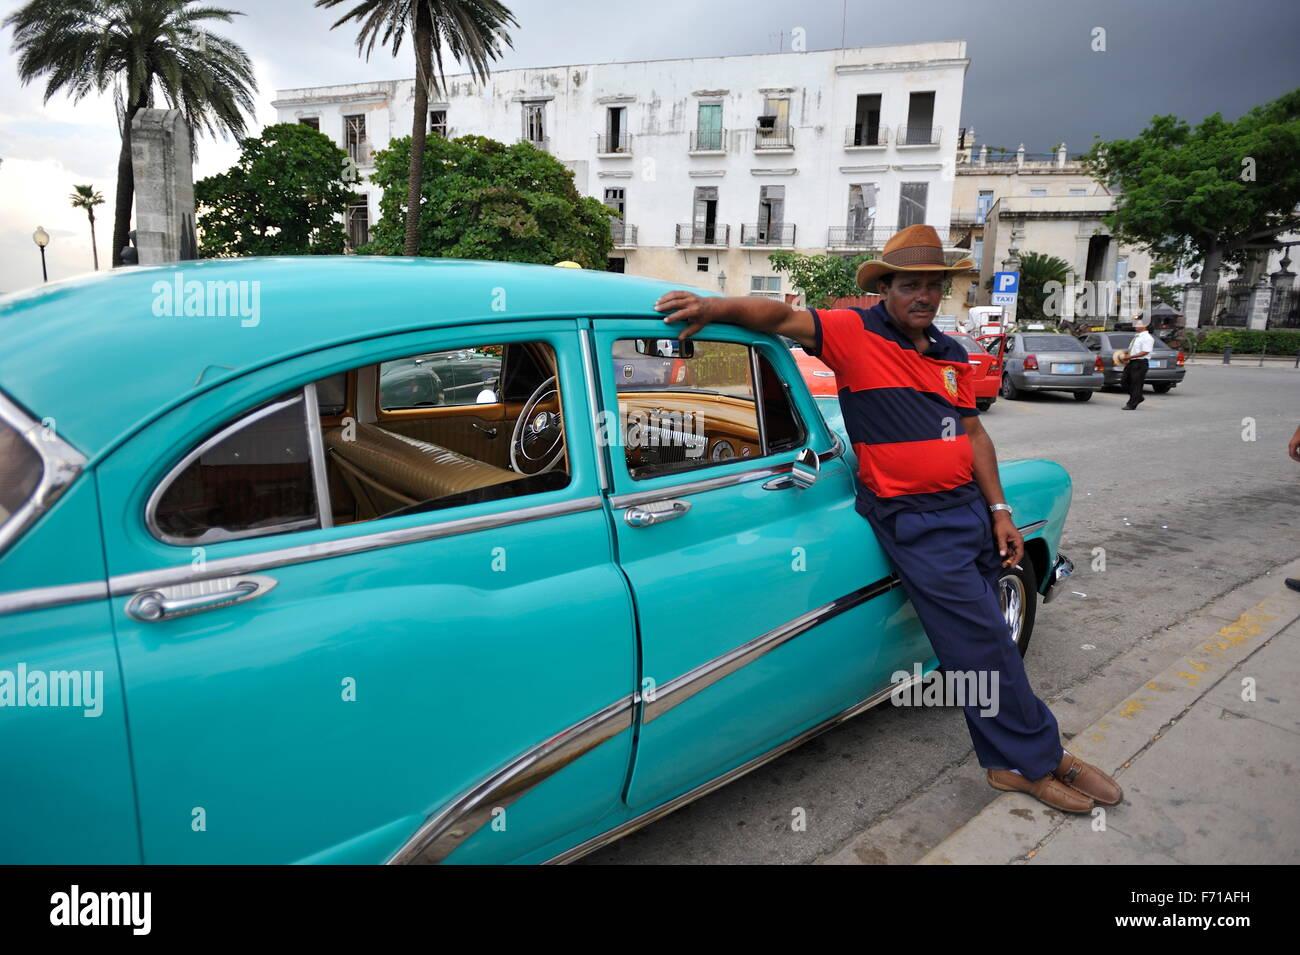 Vecchia auto d'epoca nel centro di Avana città in Cuba. Immagini Stock